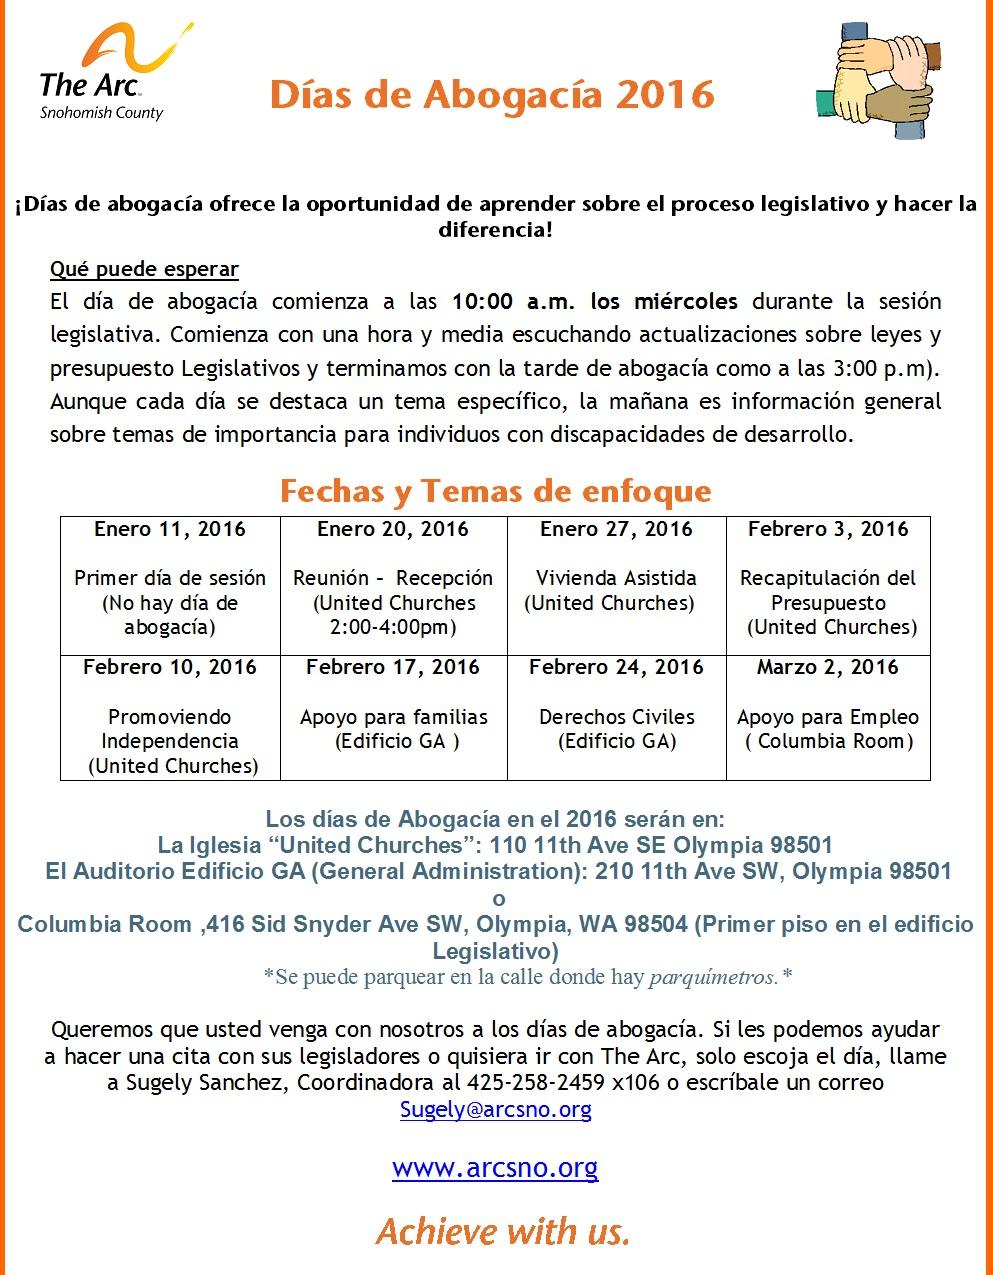 Dias de Abogacia Advocacy Days Spanish 2016